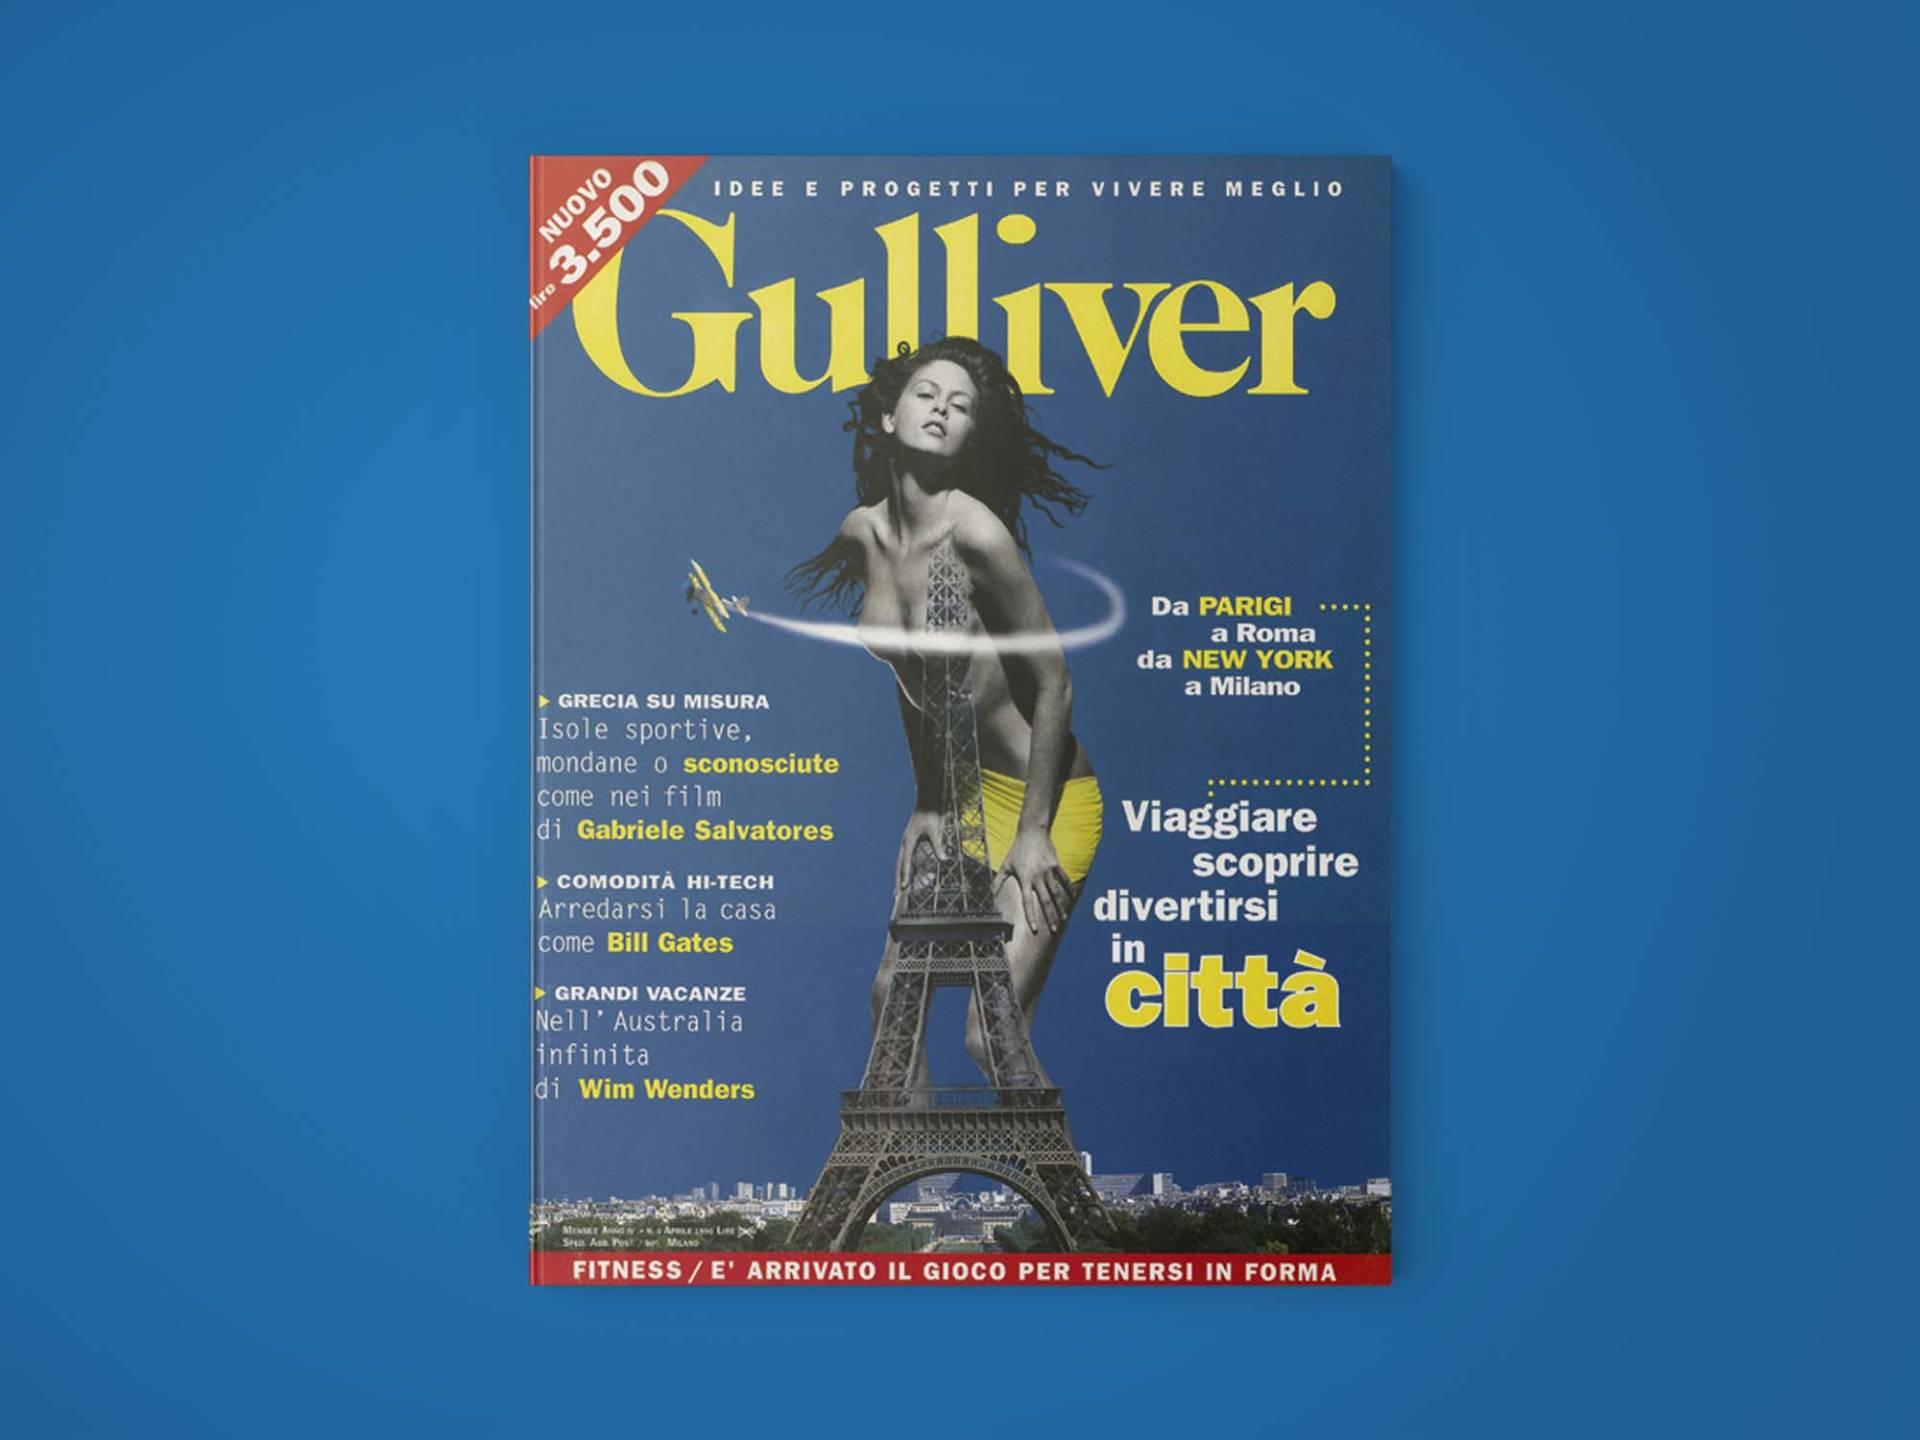 Gulliver+_01_Wenceslau_News_Design